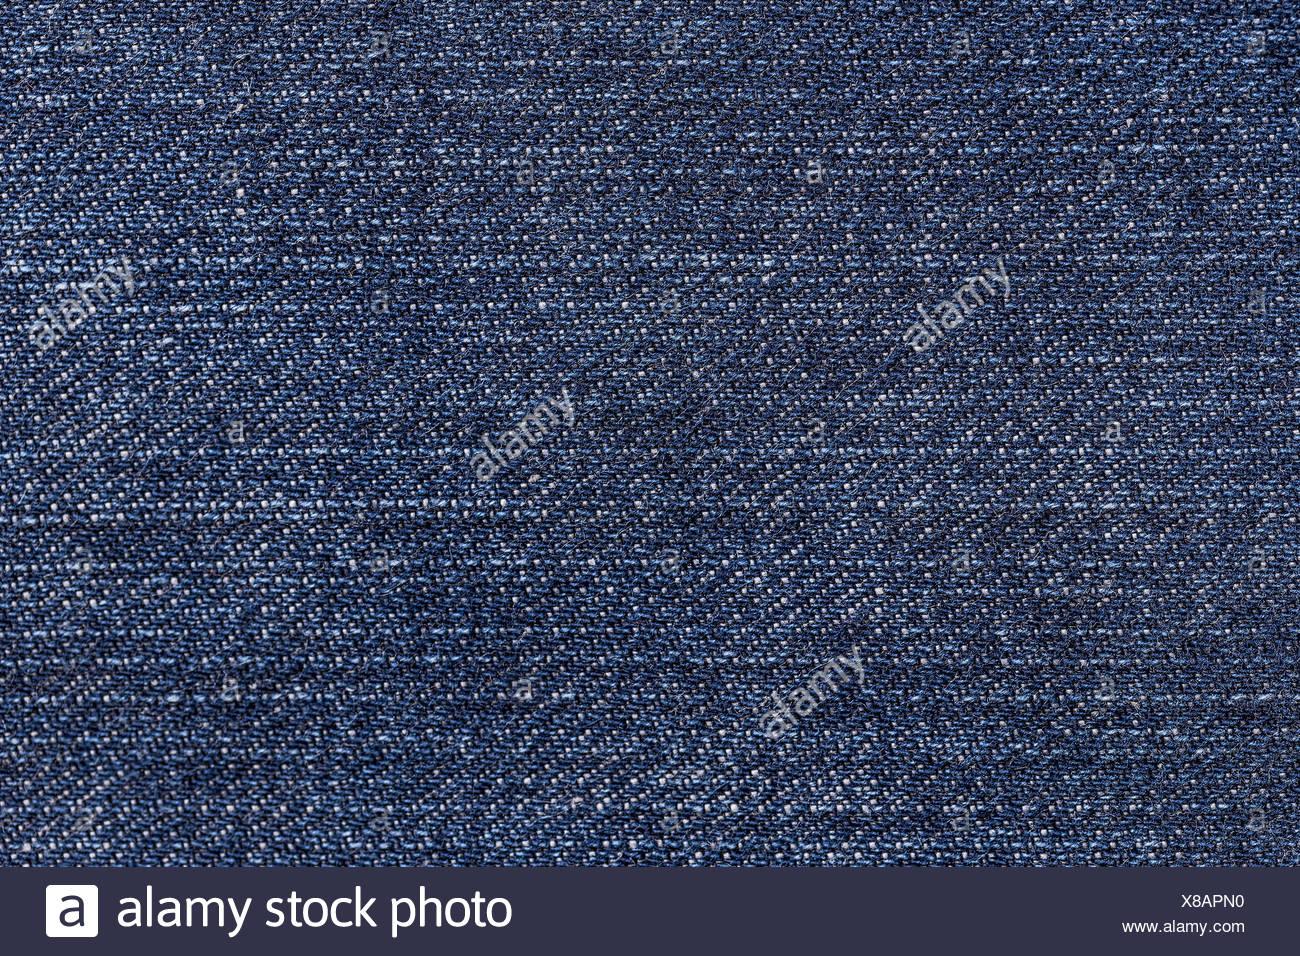 39cc8ff9a3128 La textura de tejido jeans Foto   Imagen De Stock  280520492 - Alamy